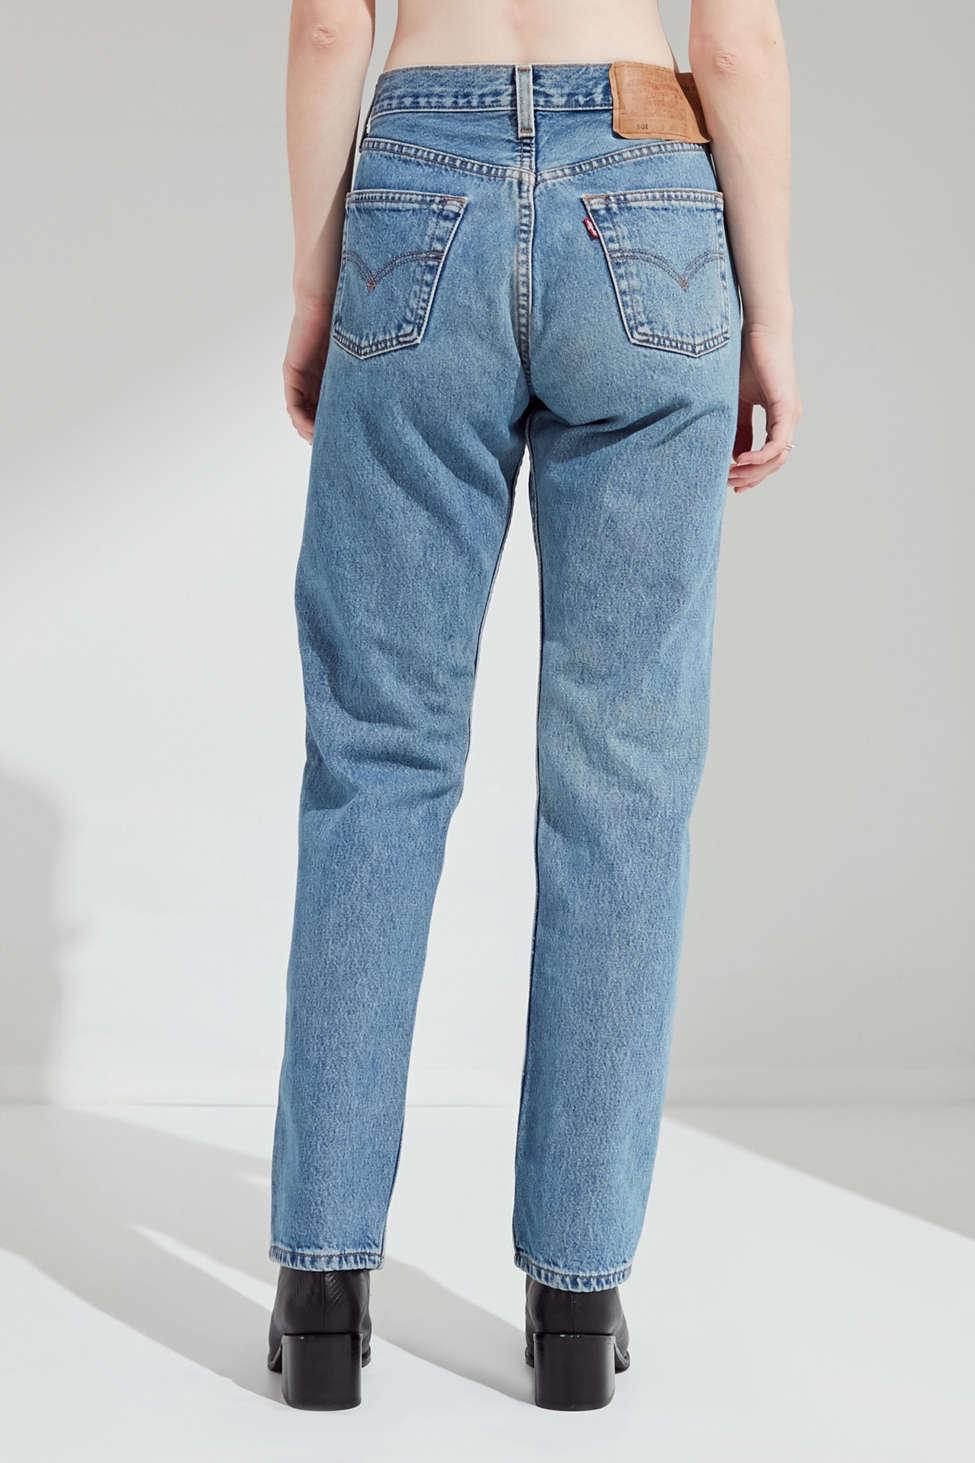 vintage levis jeans